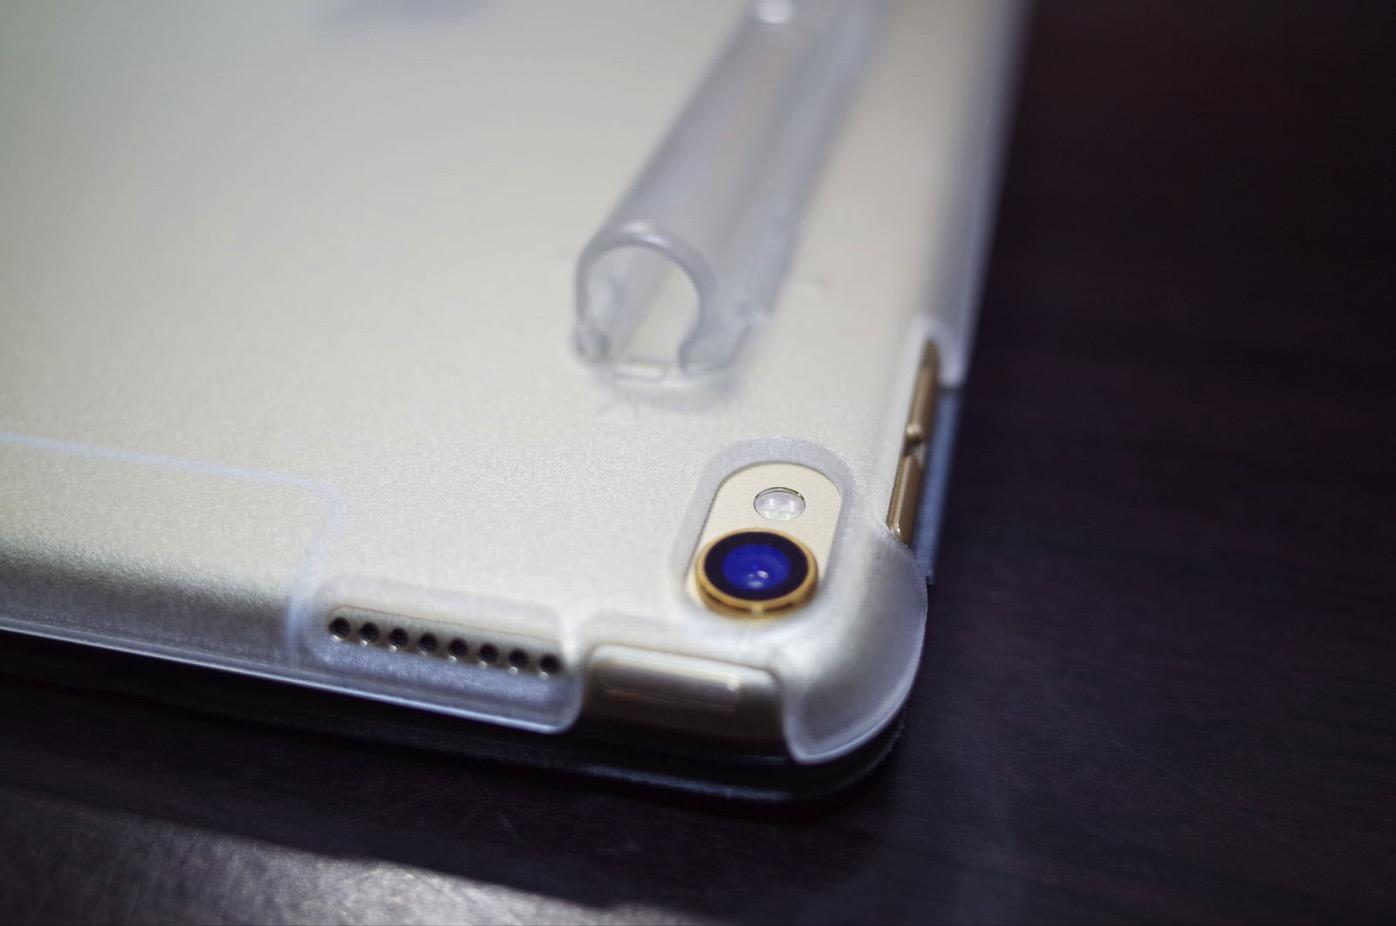 iPad Pro 10.5 ケース SwitchEasy CoverBuddy ハード バック カバー Apple Pencil 収納付き 純正 スマートキーボード 対応-10